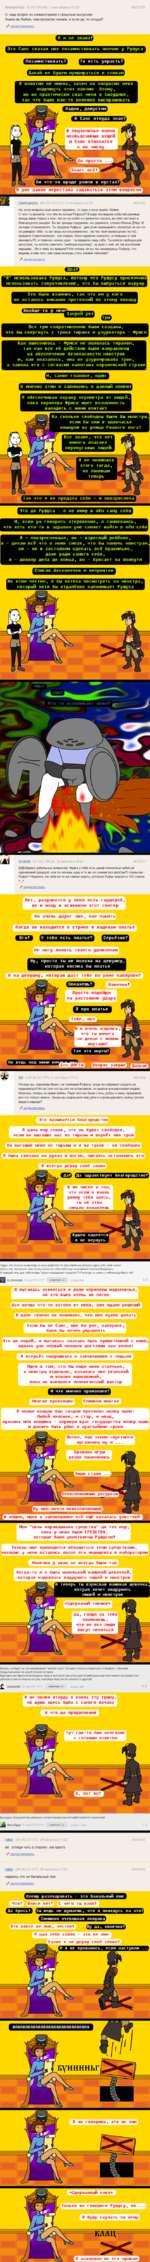 Anonymous (5 18 109 49) 1 сентября в 15:23 #921370 О, еще вопрос из комментариев к прошлым выпускам Знала ли Лайма, чем пропитан пончик, и если да, то откуда? 0 редактировать Я и не знала! к_______________А Это Санс сказал мне позаимствовать пончик у Руфуса ^ * Позаимствовать?^^Д То есть ук